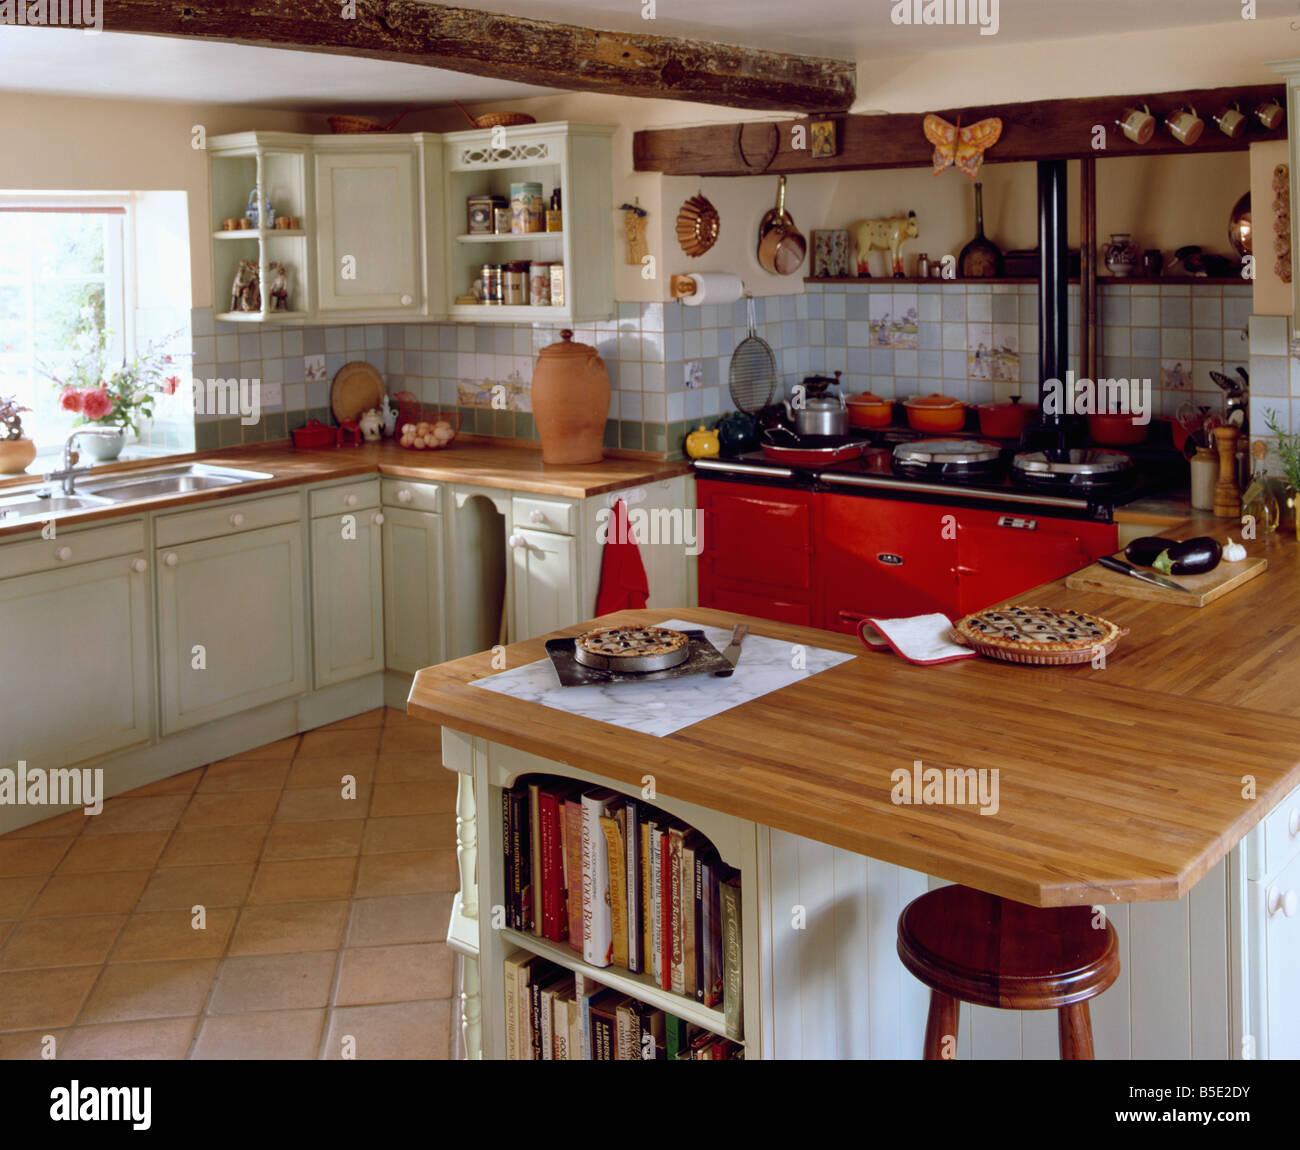 Ziemlich Bauernküche Ideen Zeitgenössisch - Ideen Für Die Küche ...